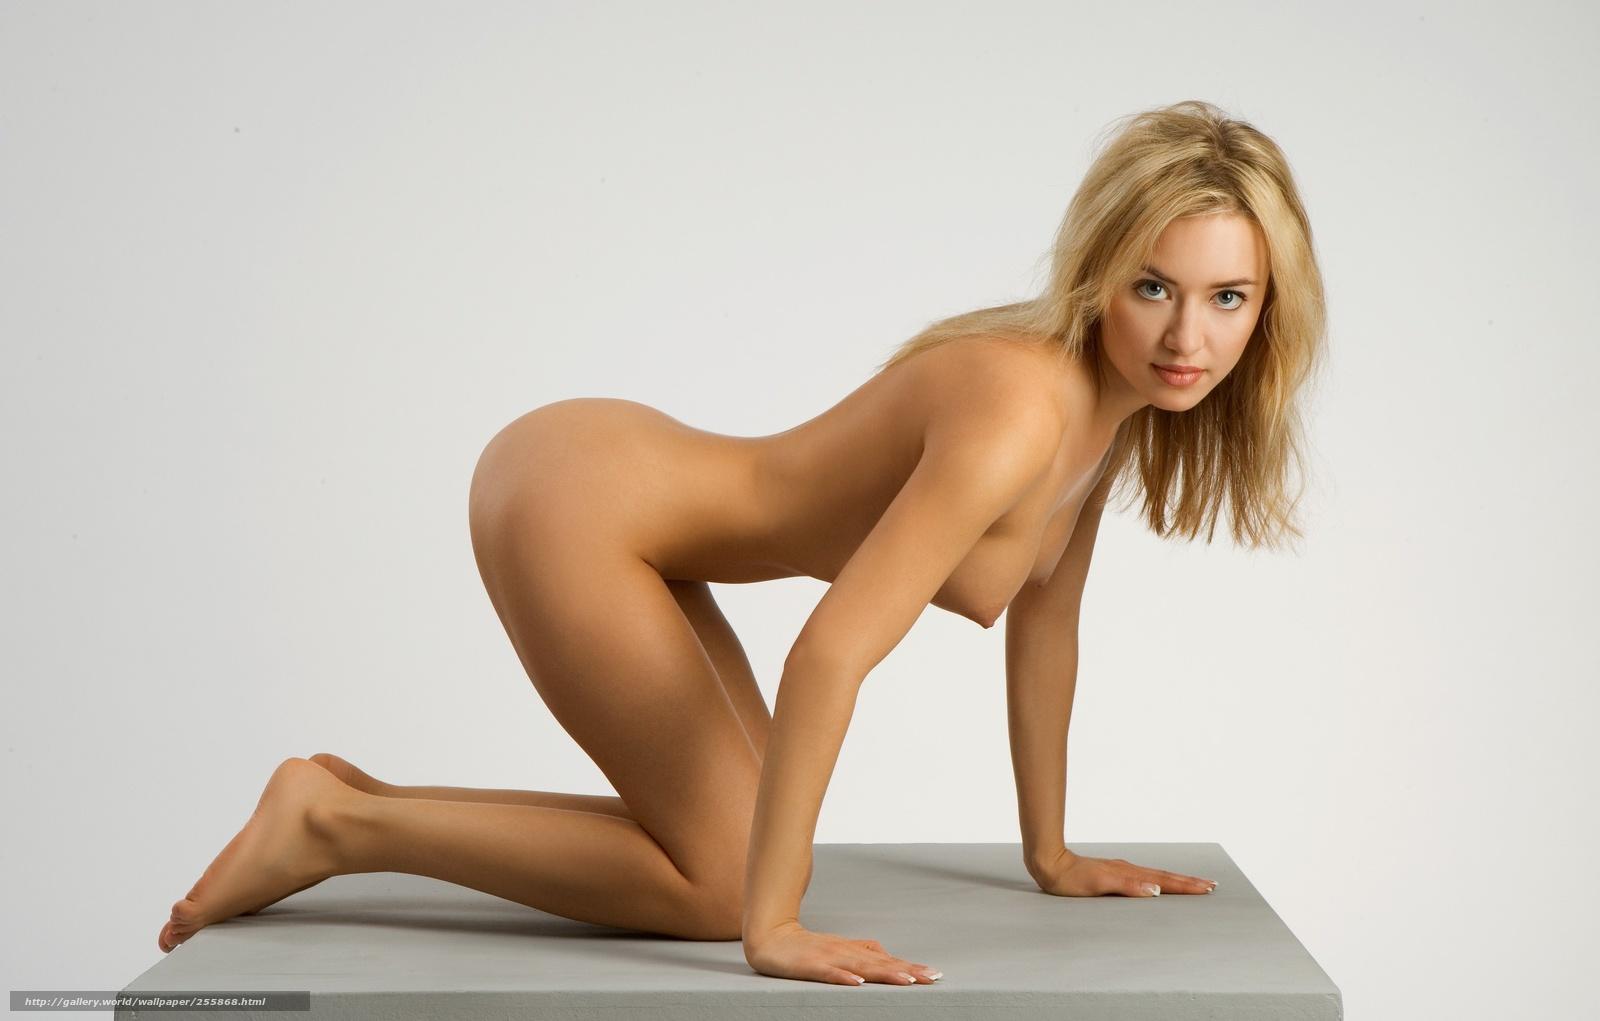 голая с отличной фигурой девушка видео-ьл1